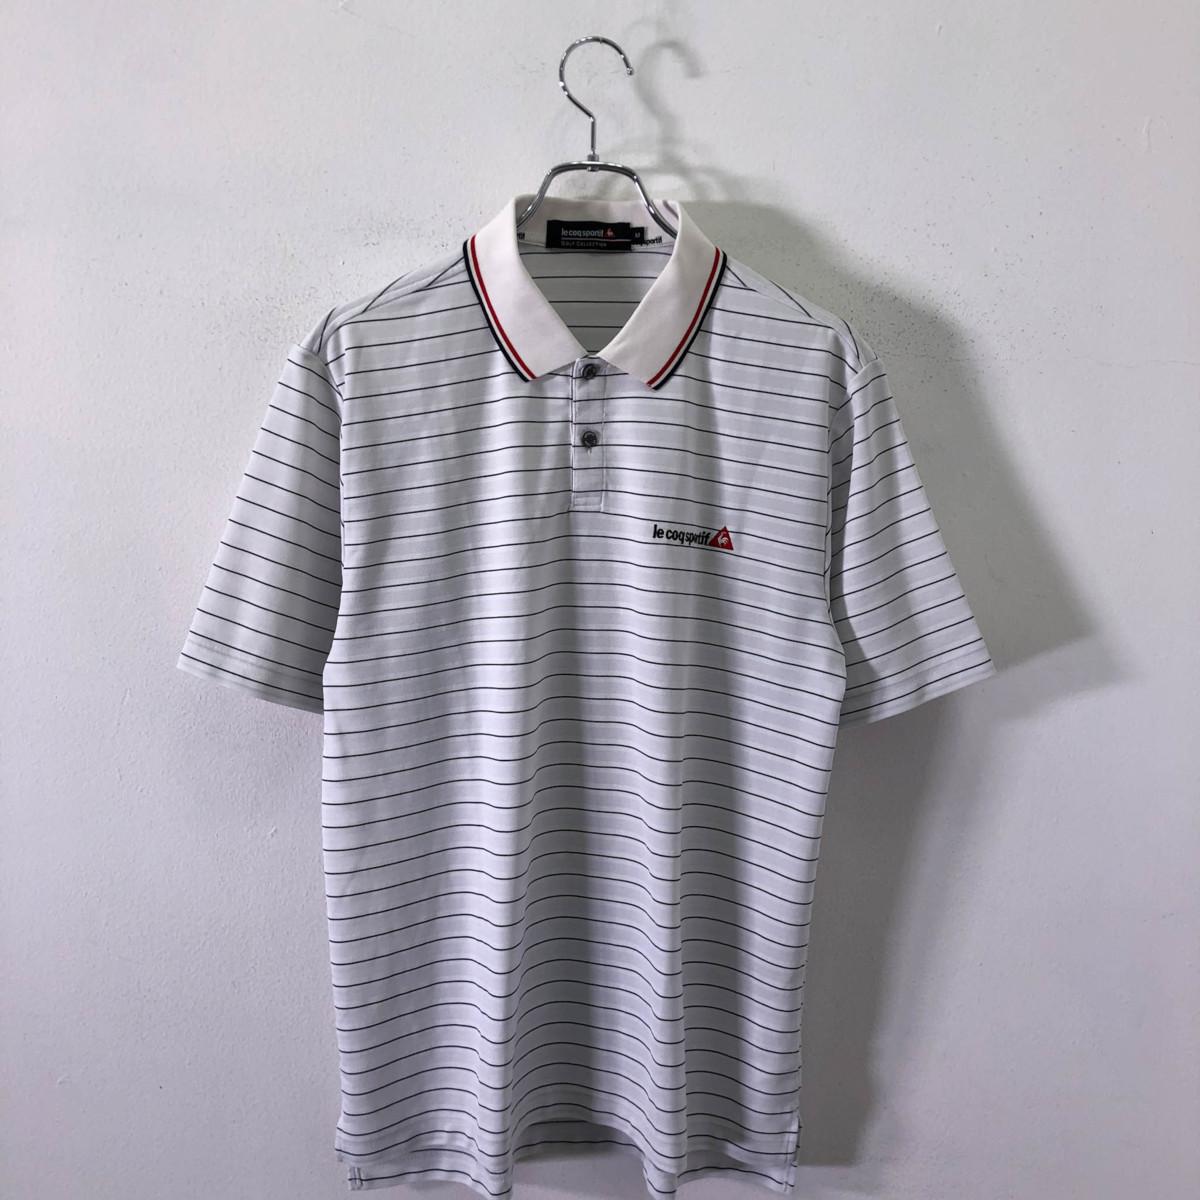 ゴルフに!!◆le coq sportif GOLF ルコック ゴルフ ロゴ刺繍 ボーダー柄 半袖 ドライ ポロシャツ M/メンズ スポーツ 白 ホワイト_画像2